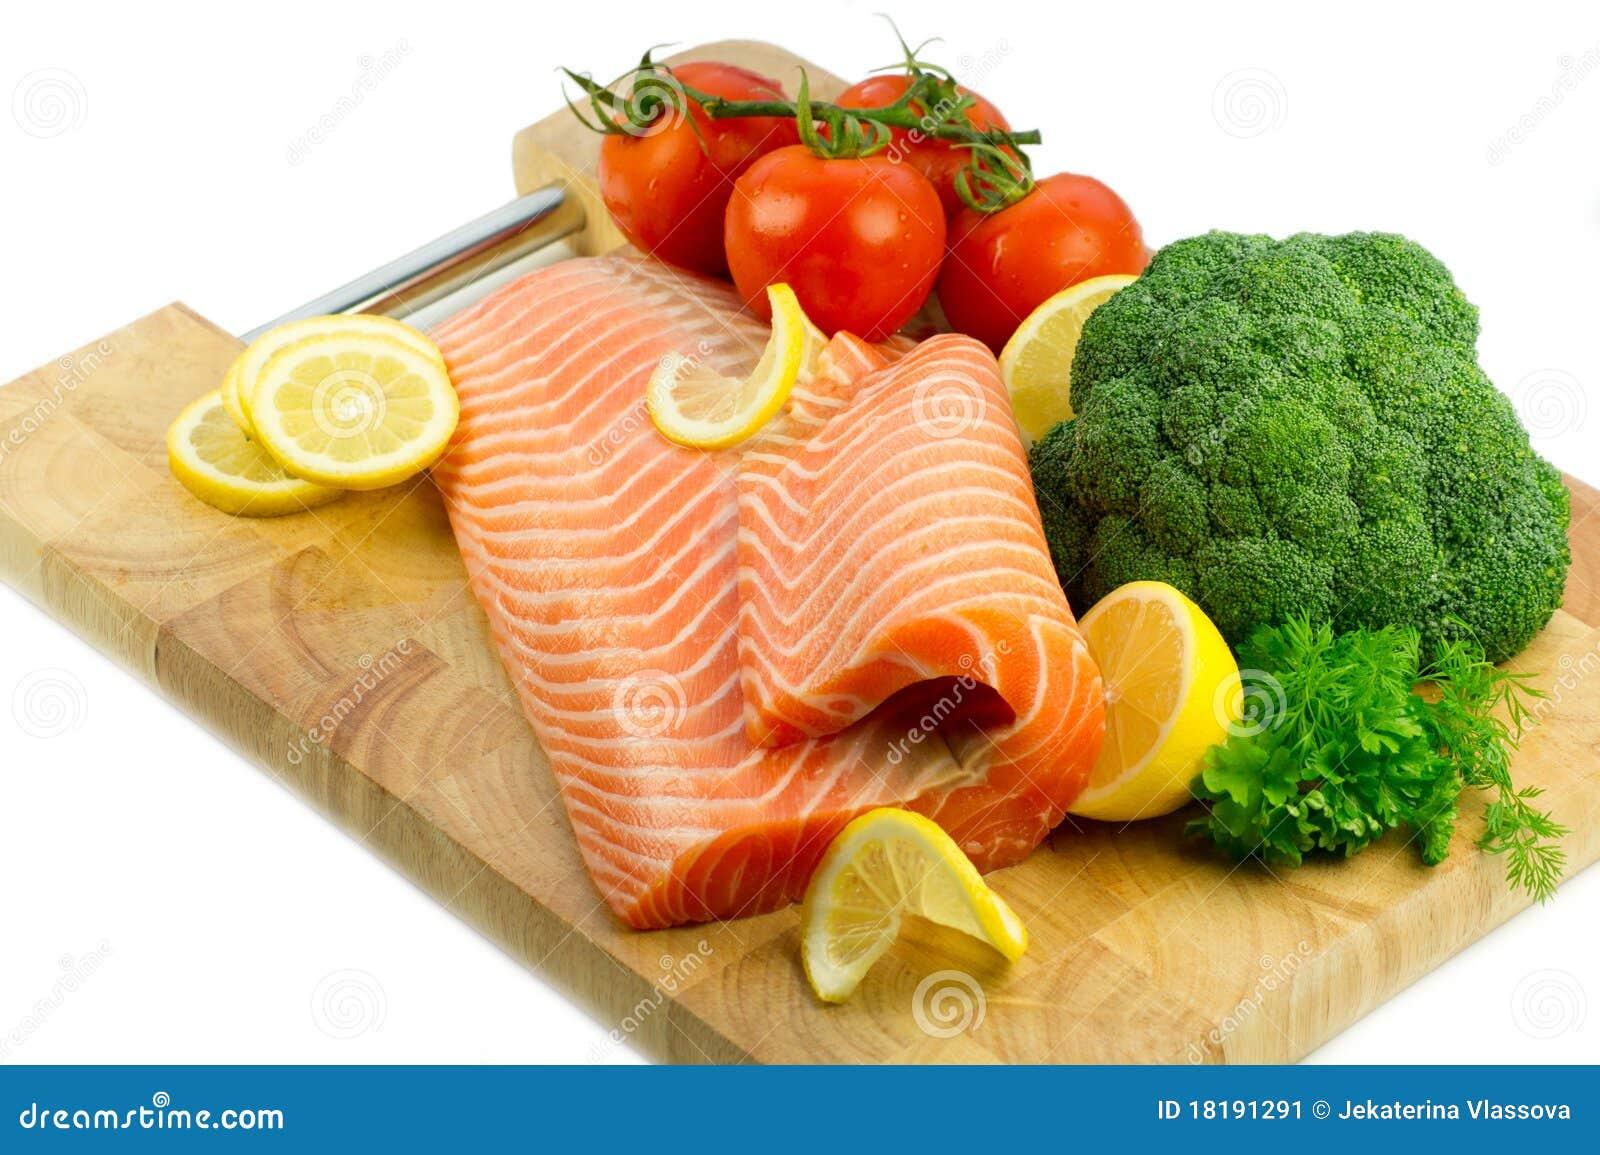 низкоуглеводная диета меню на неделю для диабетиков